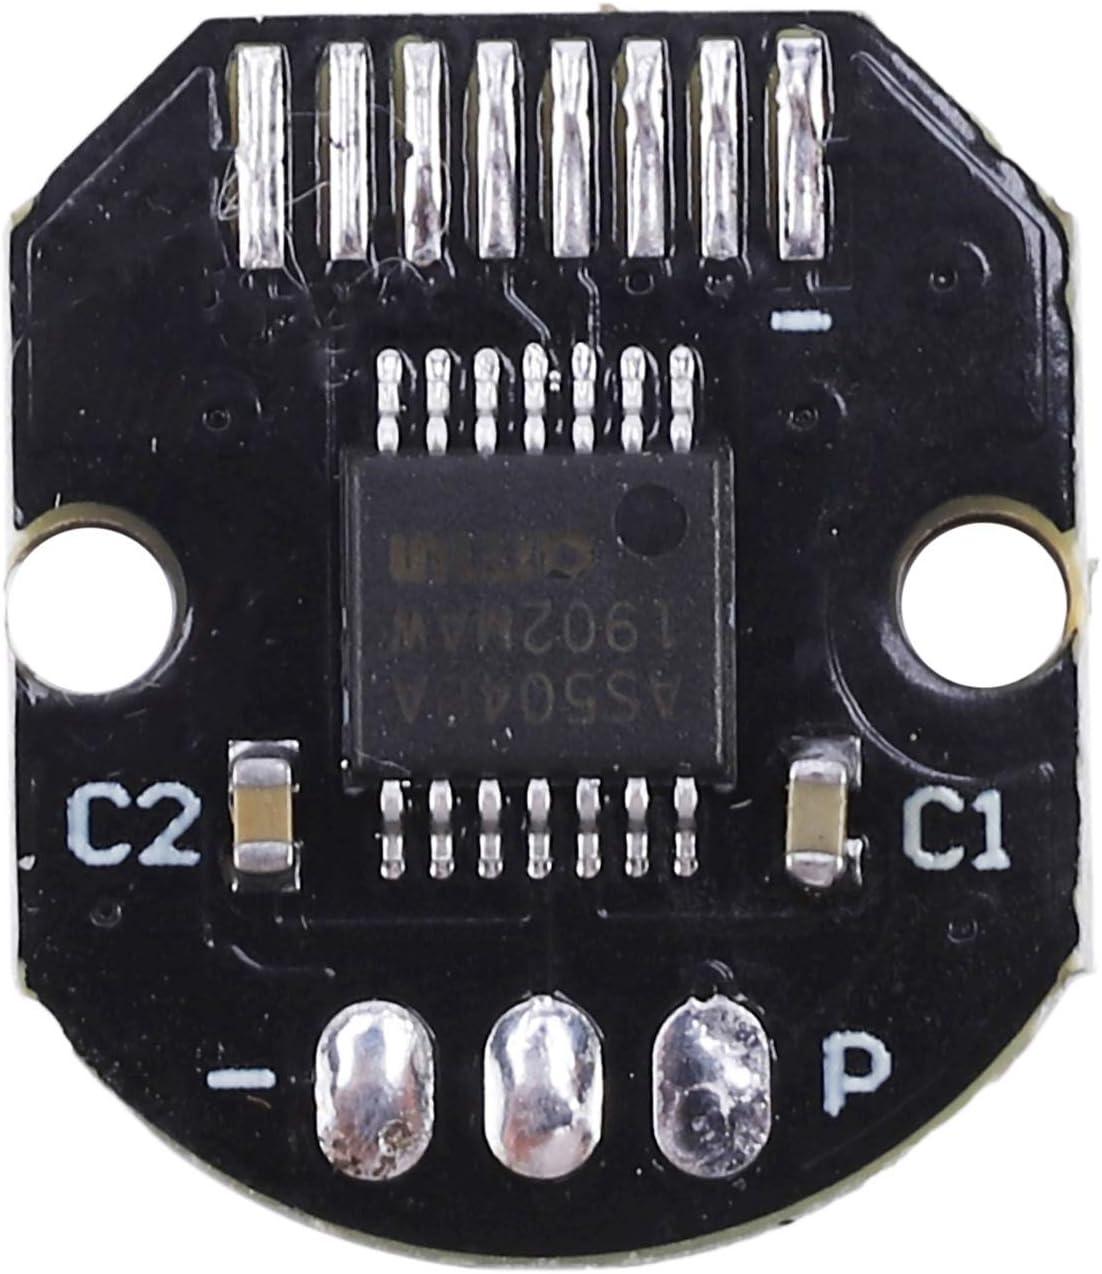 Dasing As5048 Magnetisch Encoder Set Pwm und SPI Schnittstellen Pr?Zision 14 Bit Kein B/üRsten Halter Rotary Sensor f/ür B/üRstenlosen Motor